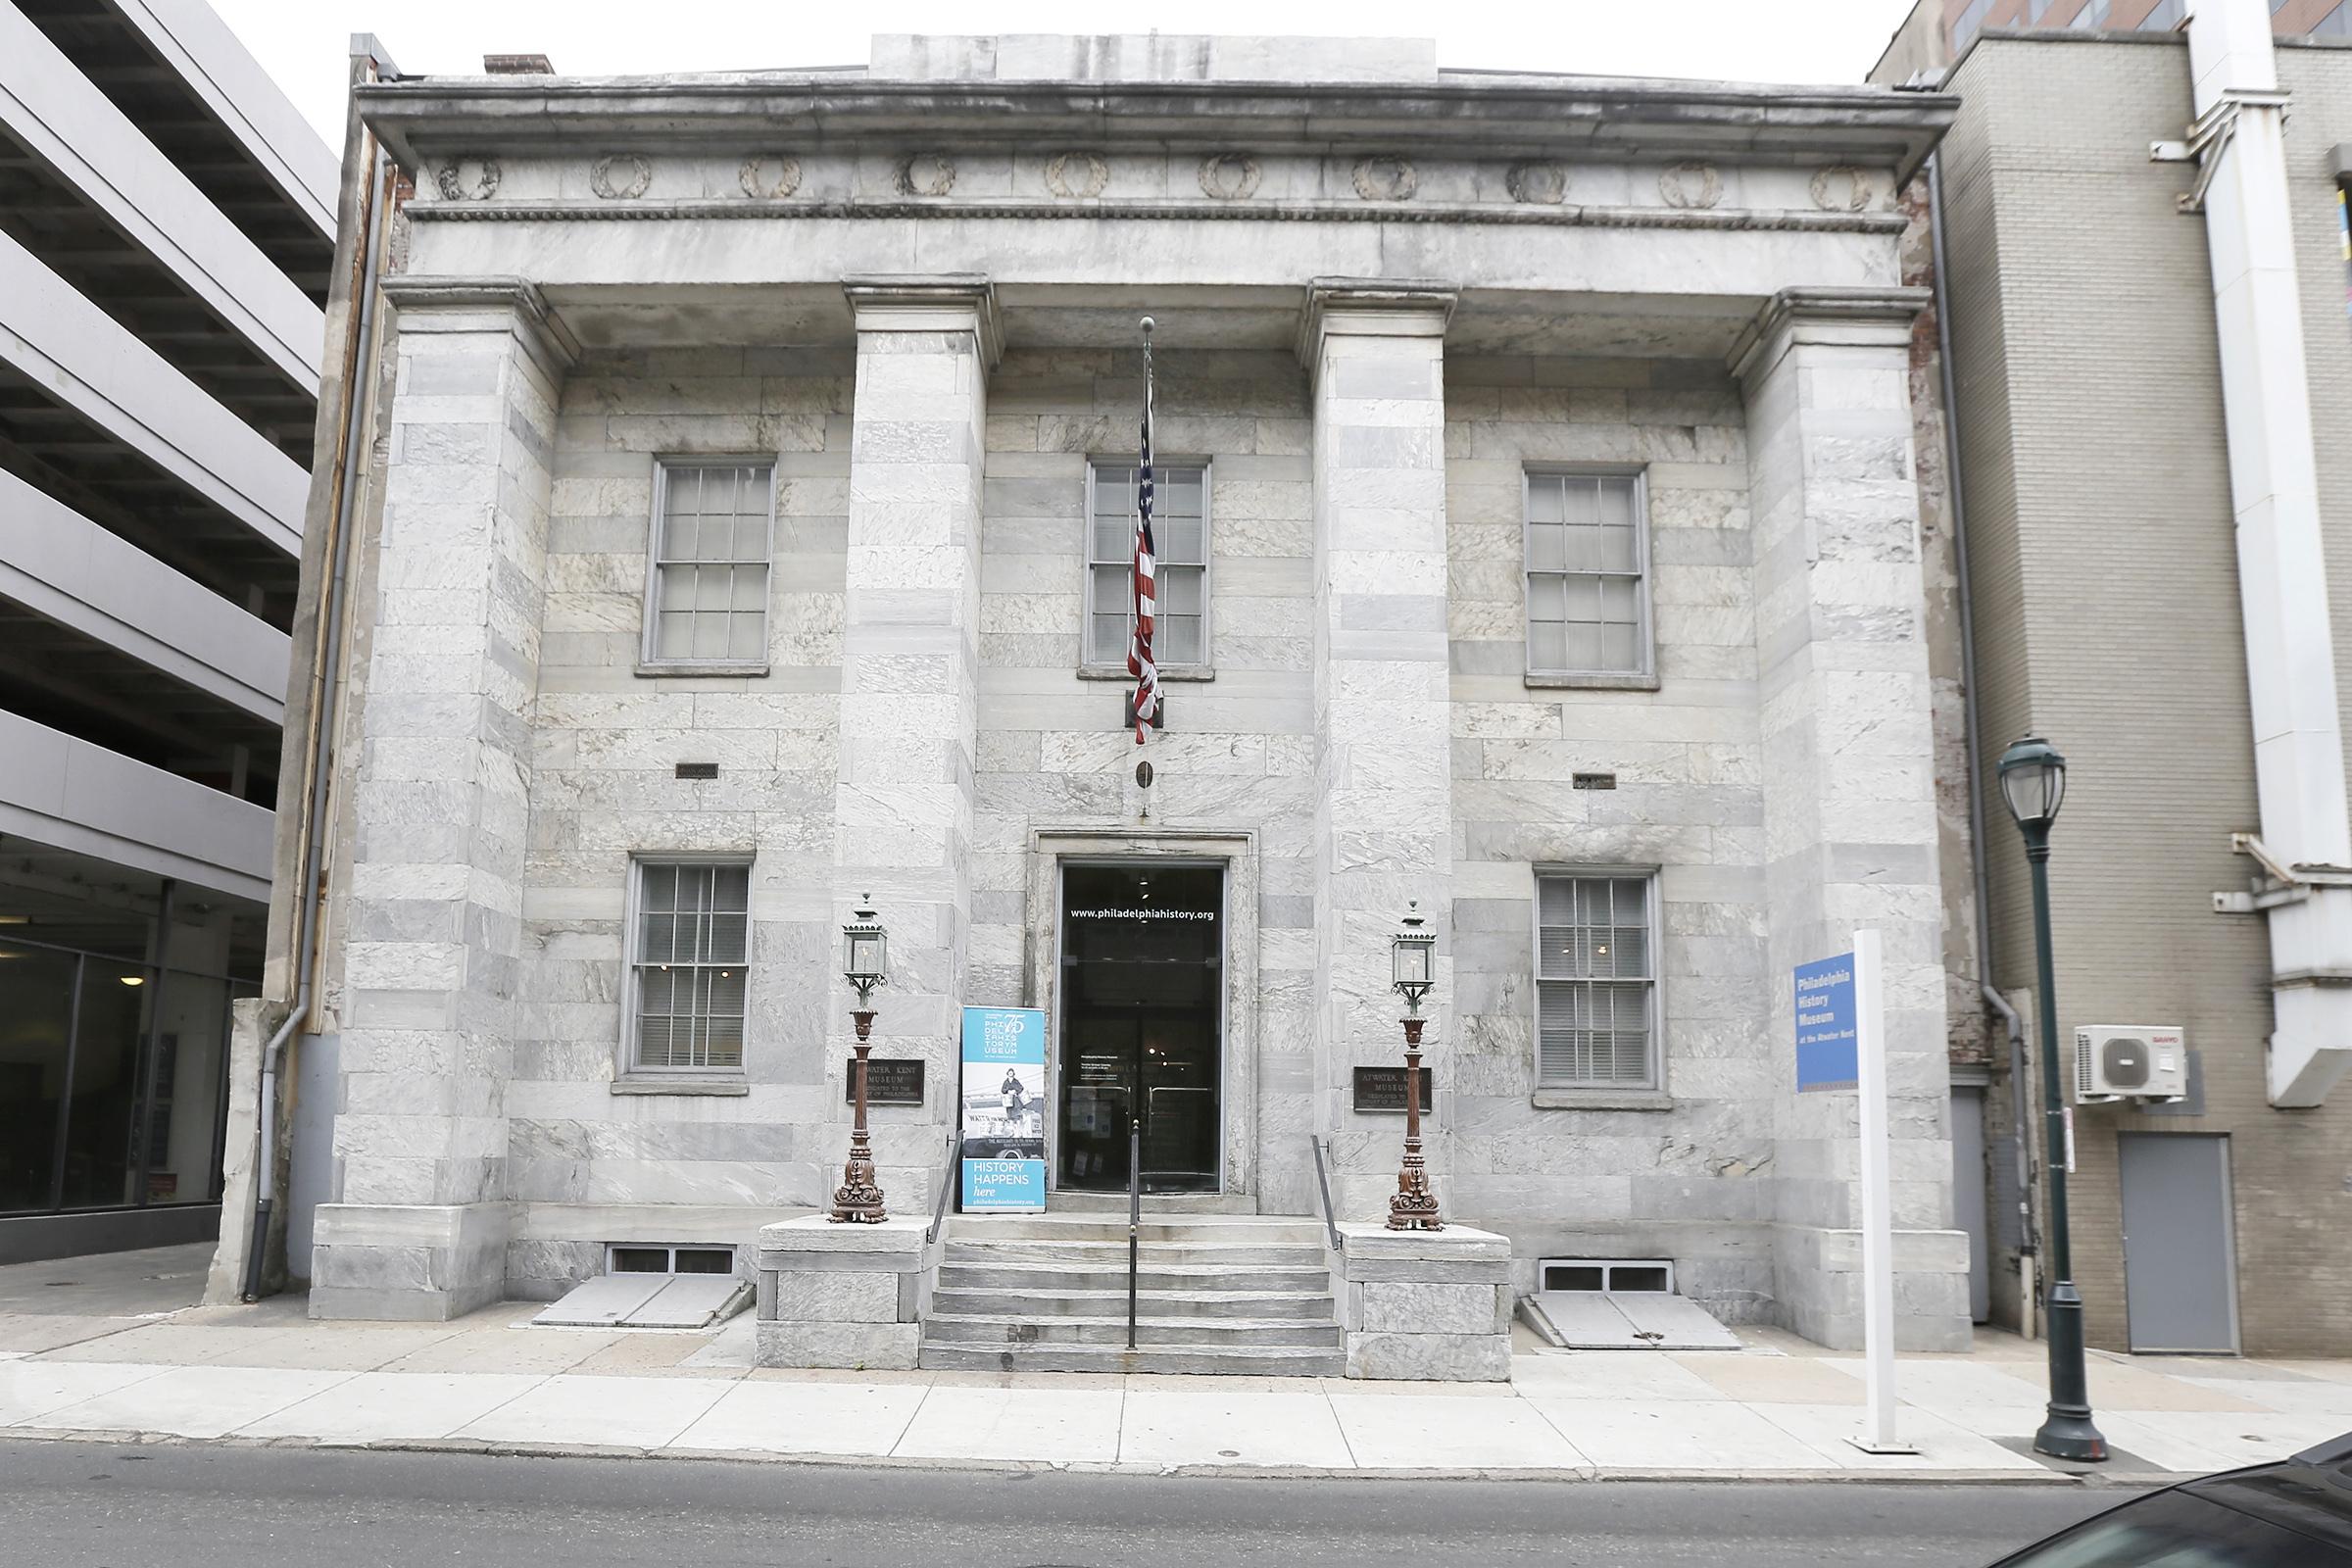 The Philadelphia History Museum.